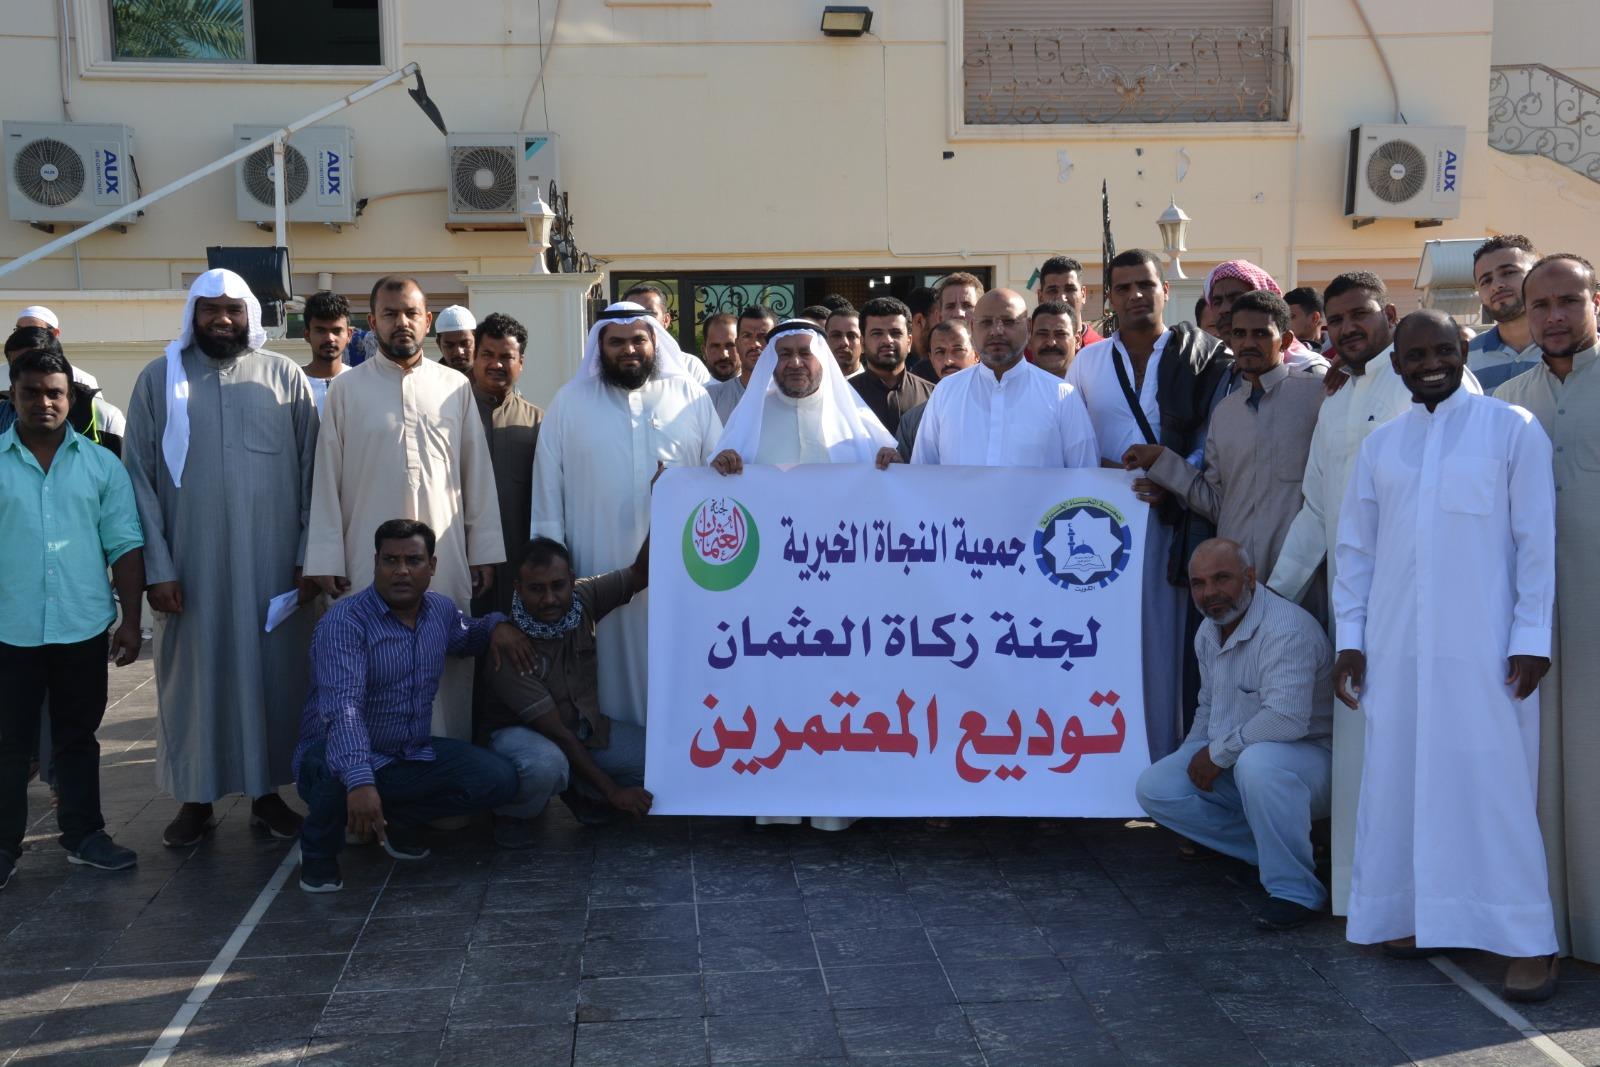 زكاة العثمان: مشروع العمرة يحقق حلم الكثيرين برؤية بيت الله الحرام